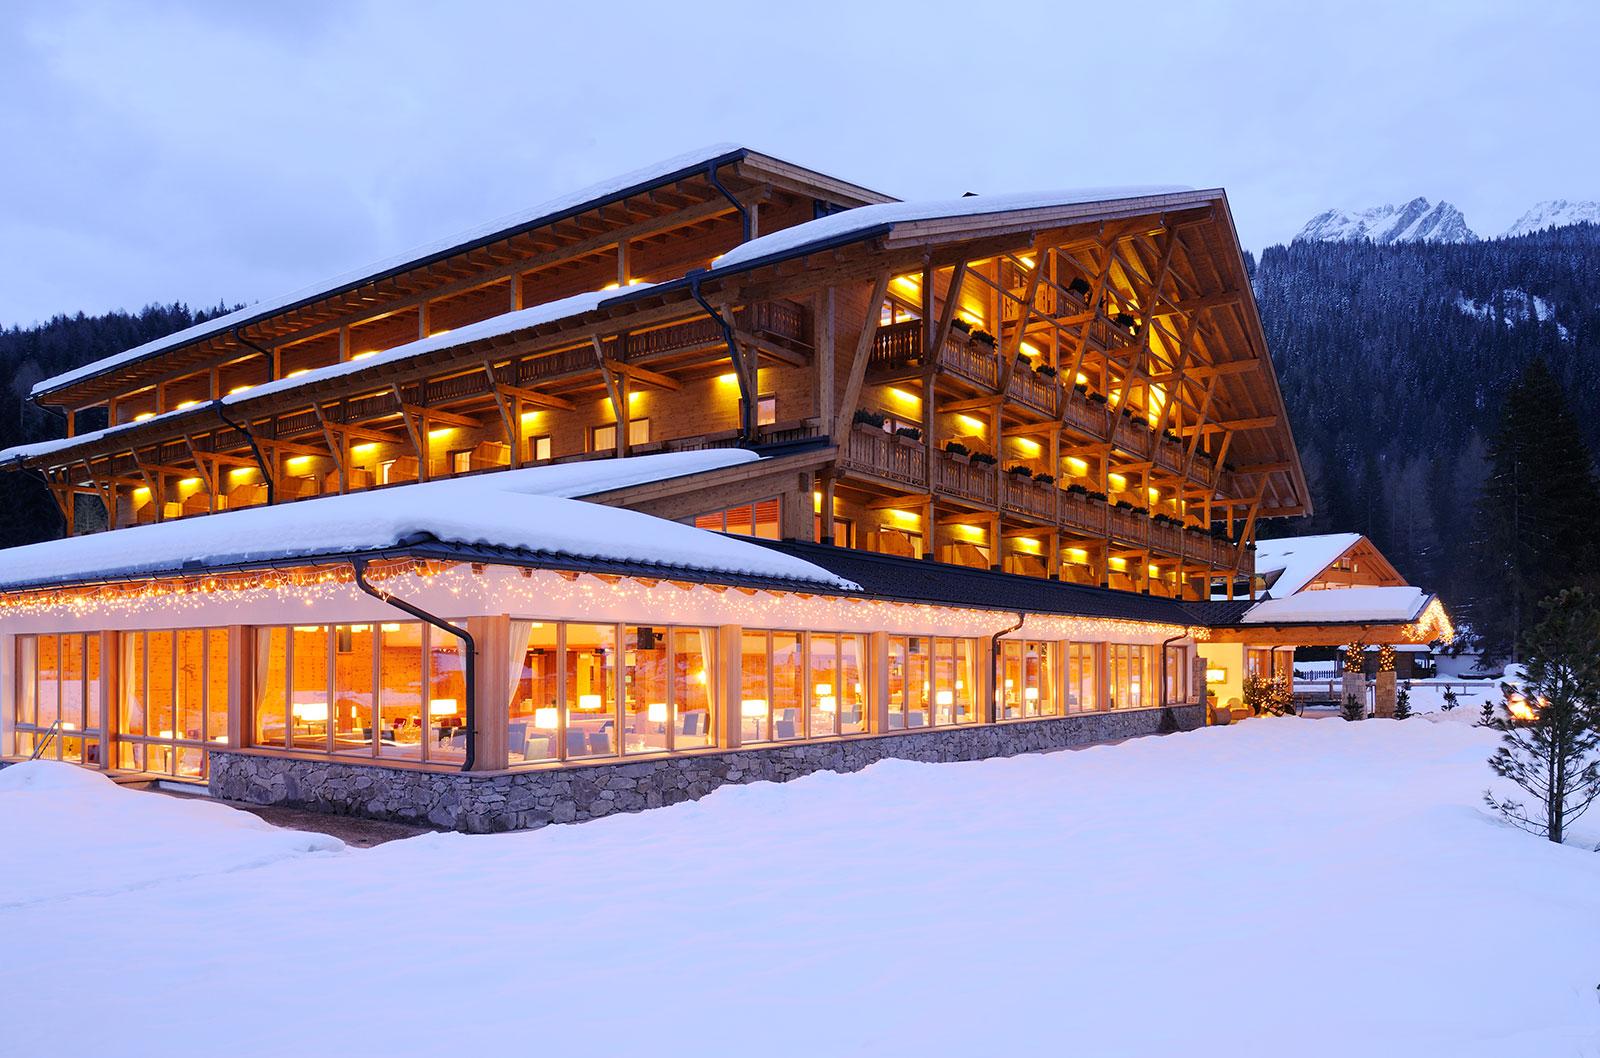 Corte Delle Dolomiti Spa bad moos - dolomites spa resort - avvenice